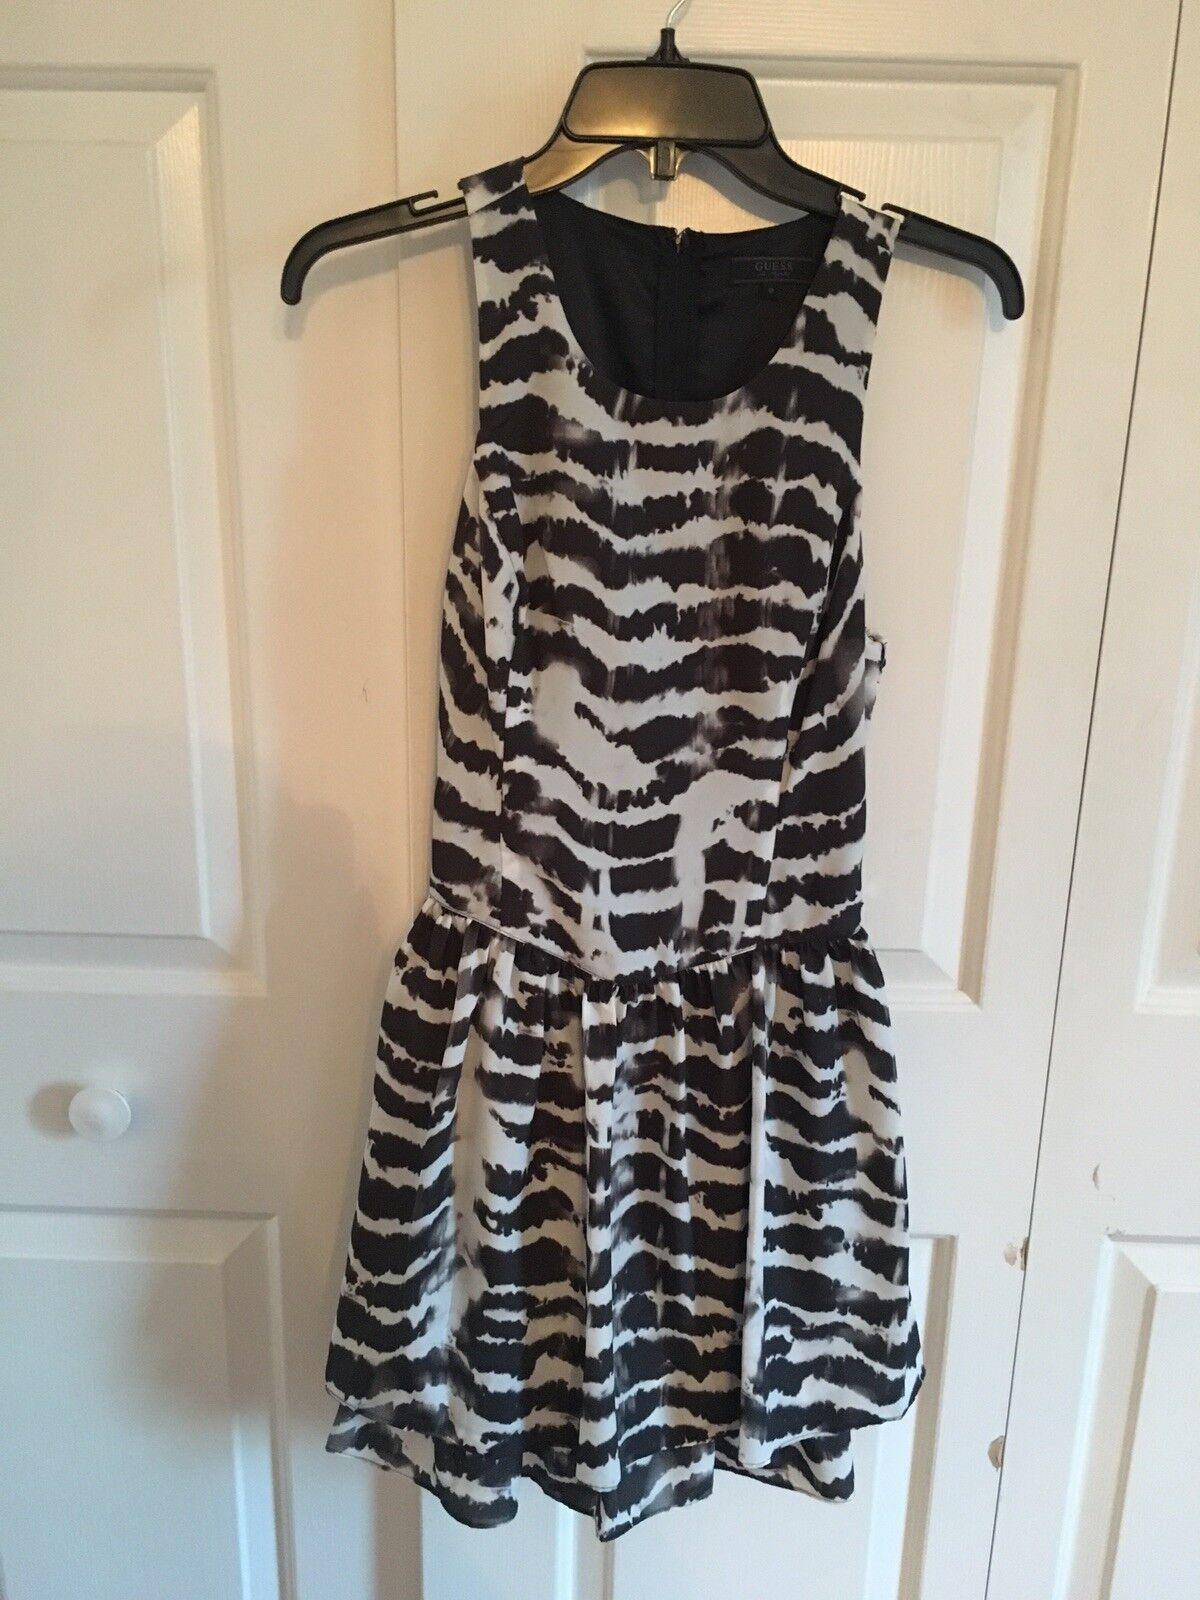 c215a46fd0 GUESS Dye Sleeveless Dress Abstract Tiered npadua25614-Dresses